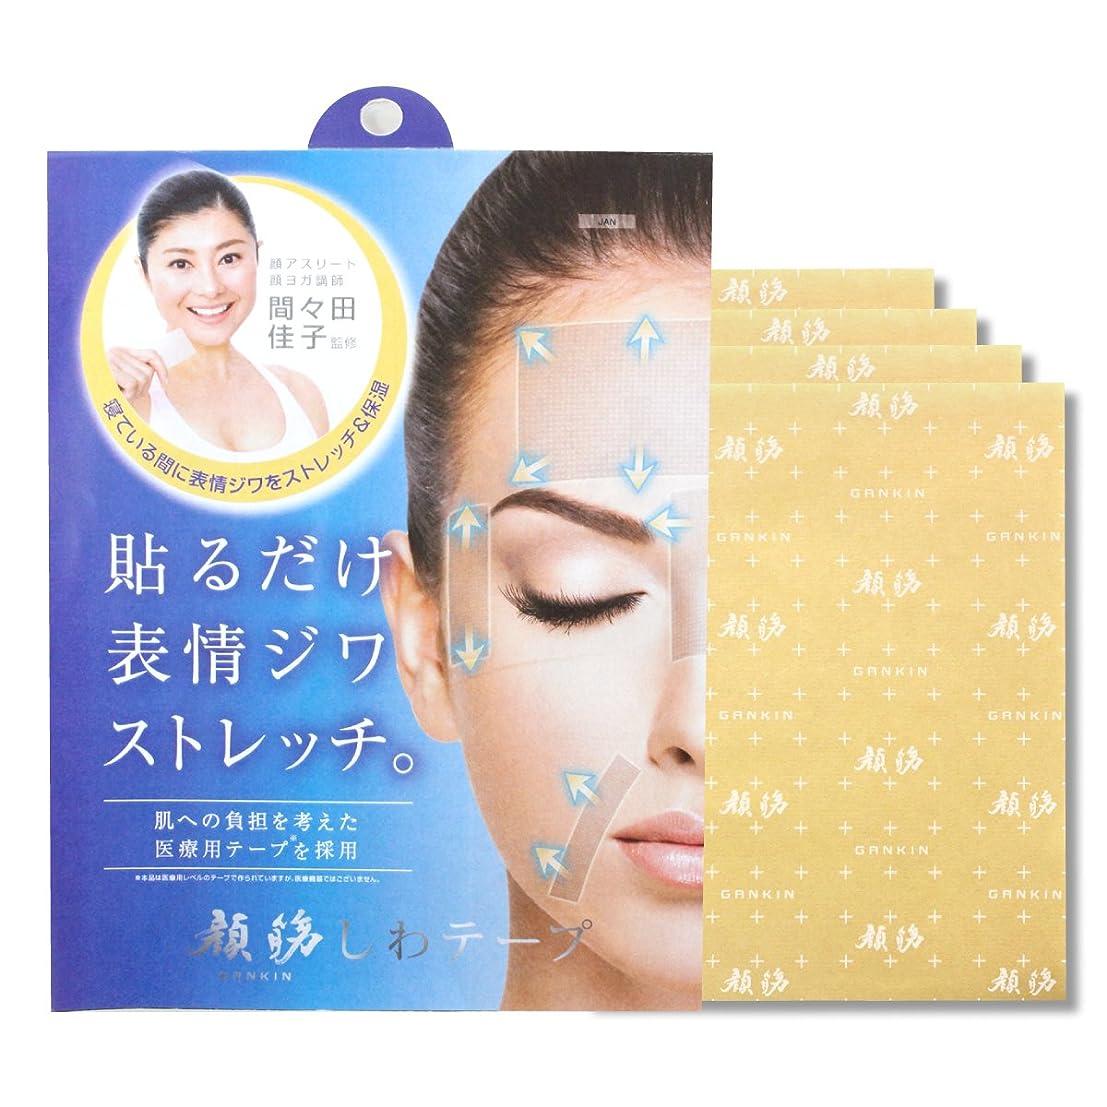 クライマックス自慢表示顔筋シワテープ (4枚組)